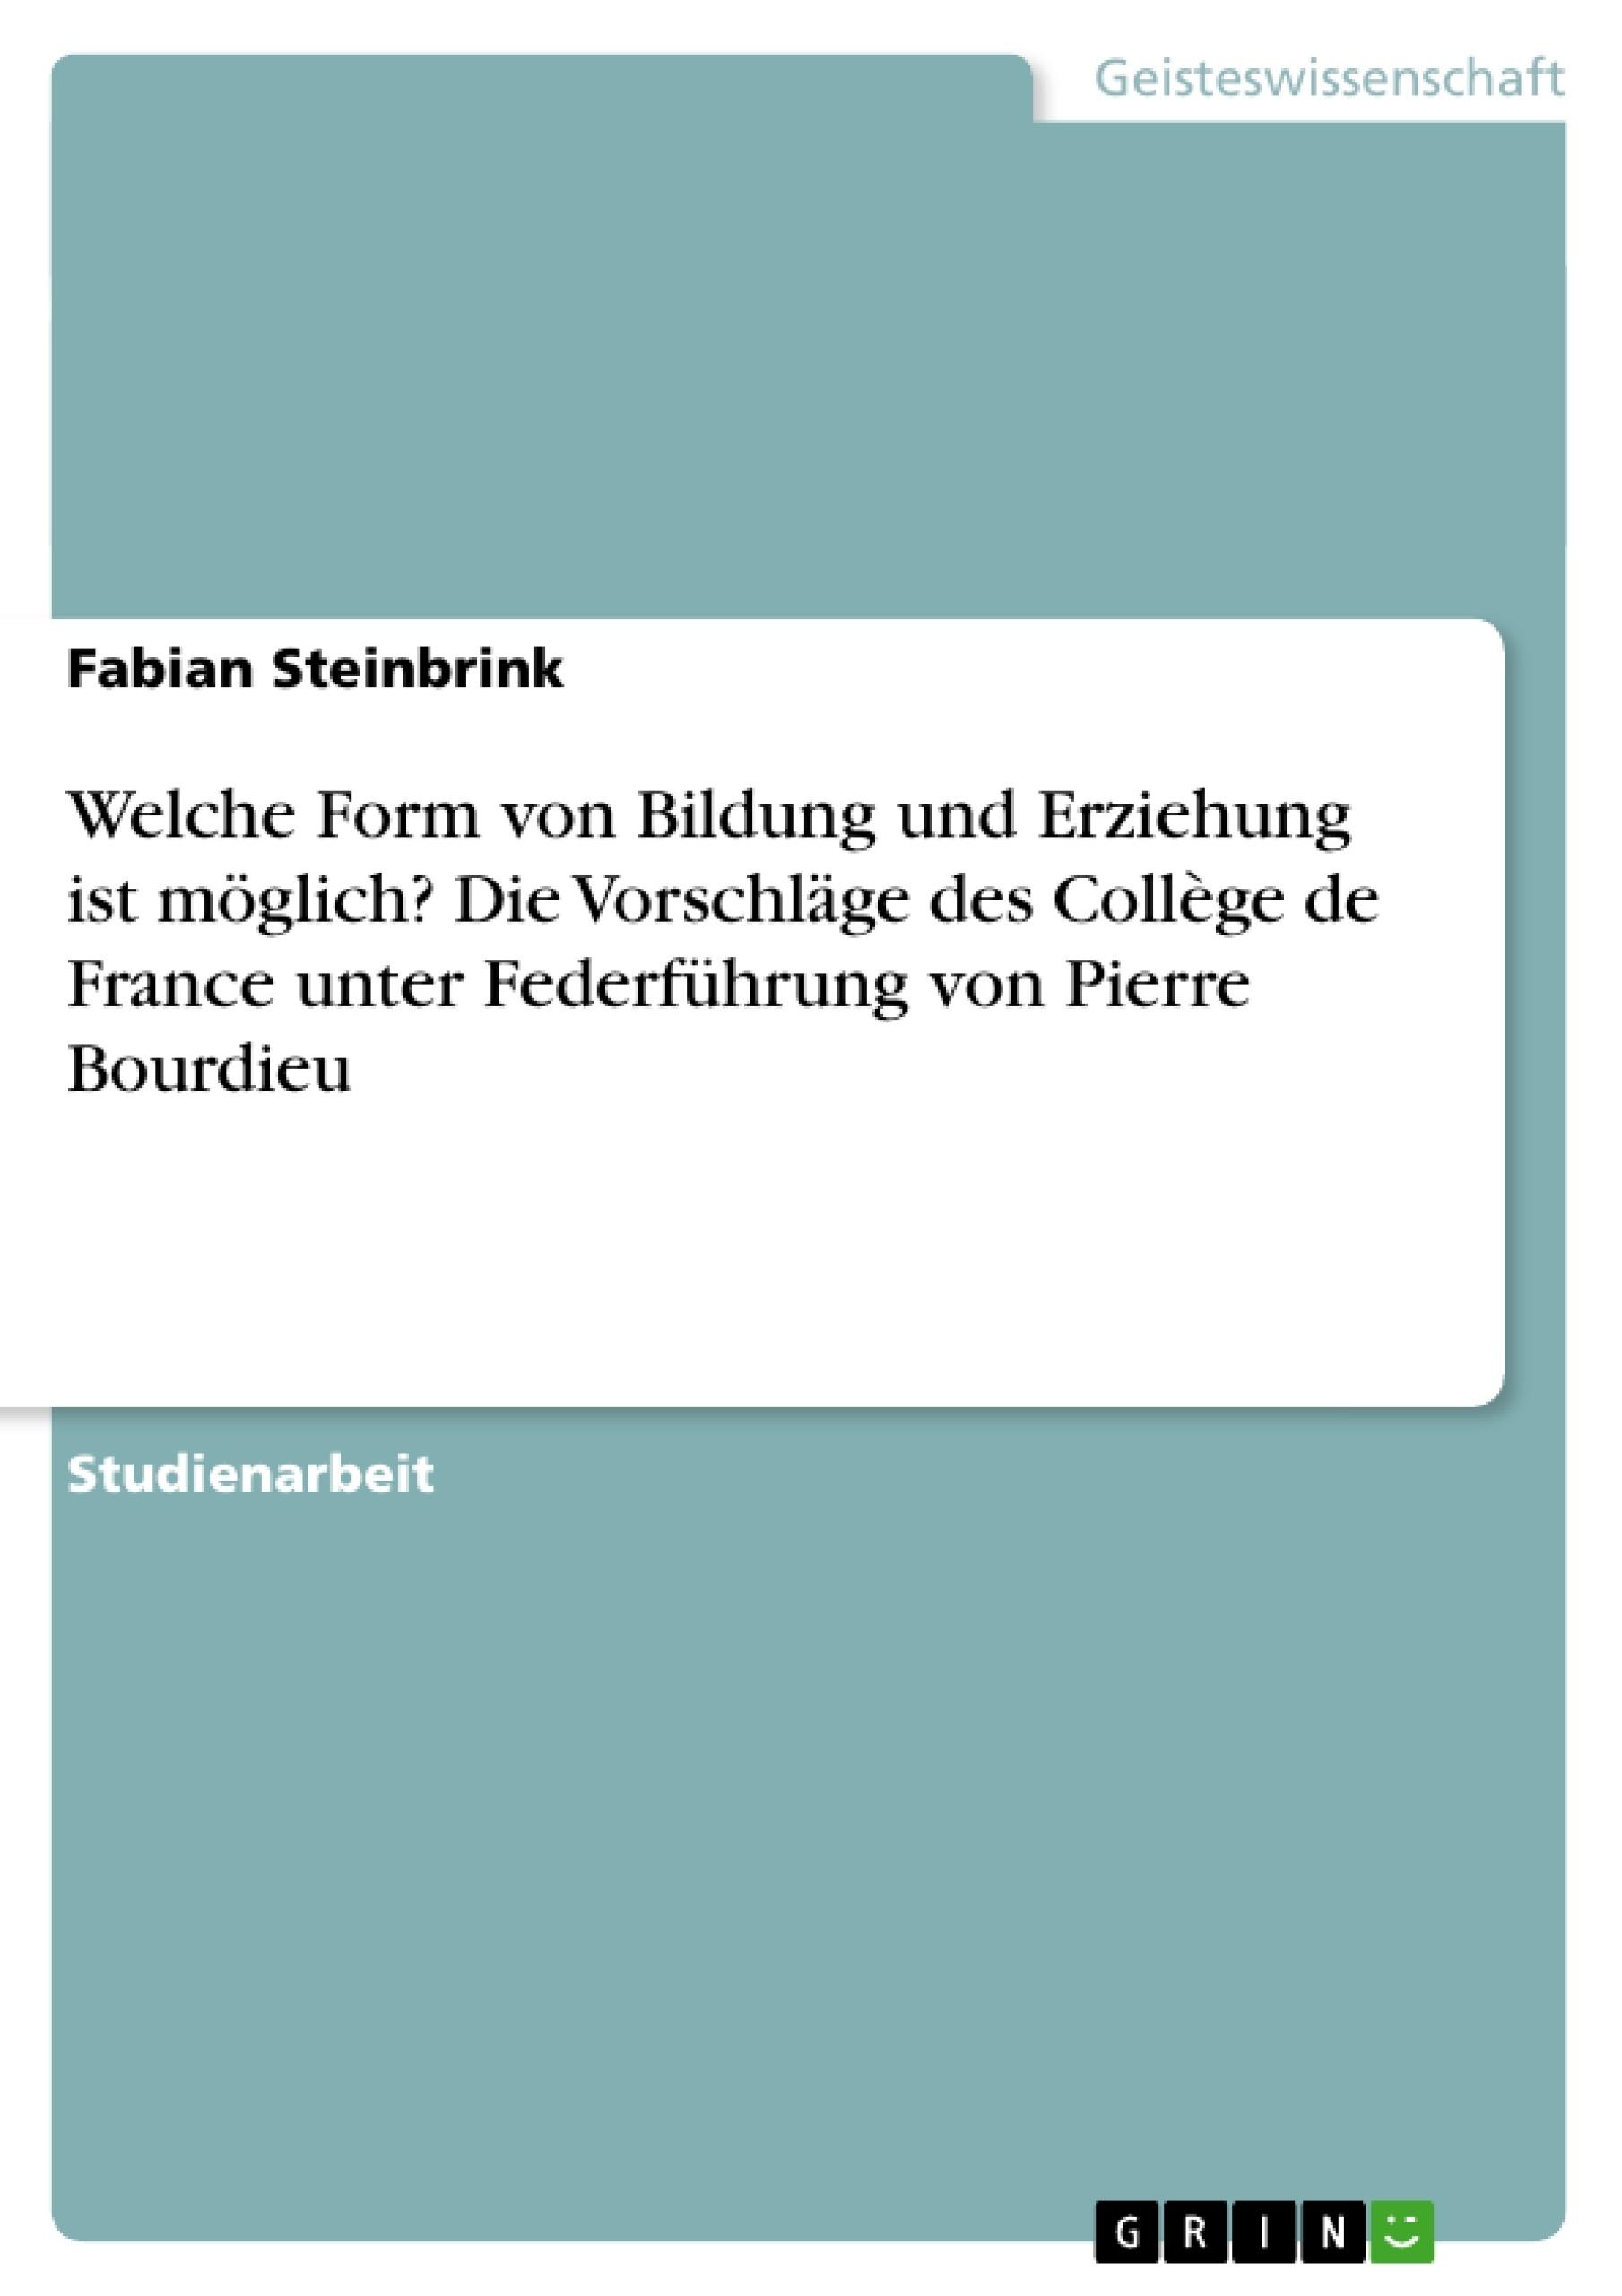 Titel: Welche Form von Bildung und Erziehung ist möglich? Die Vorschläge des Collège de France unter Federführung von Pierre Bourdieu